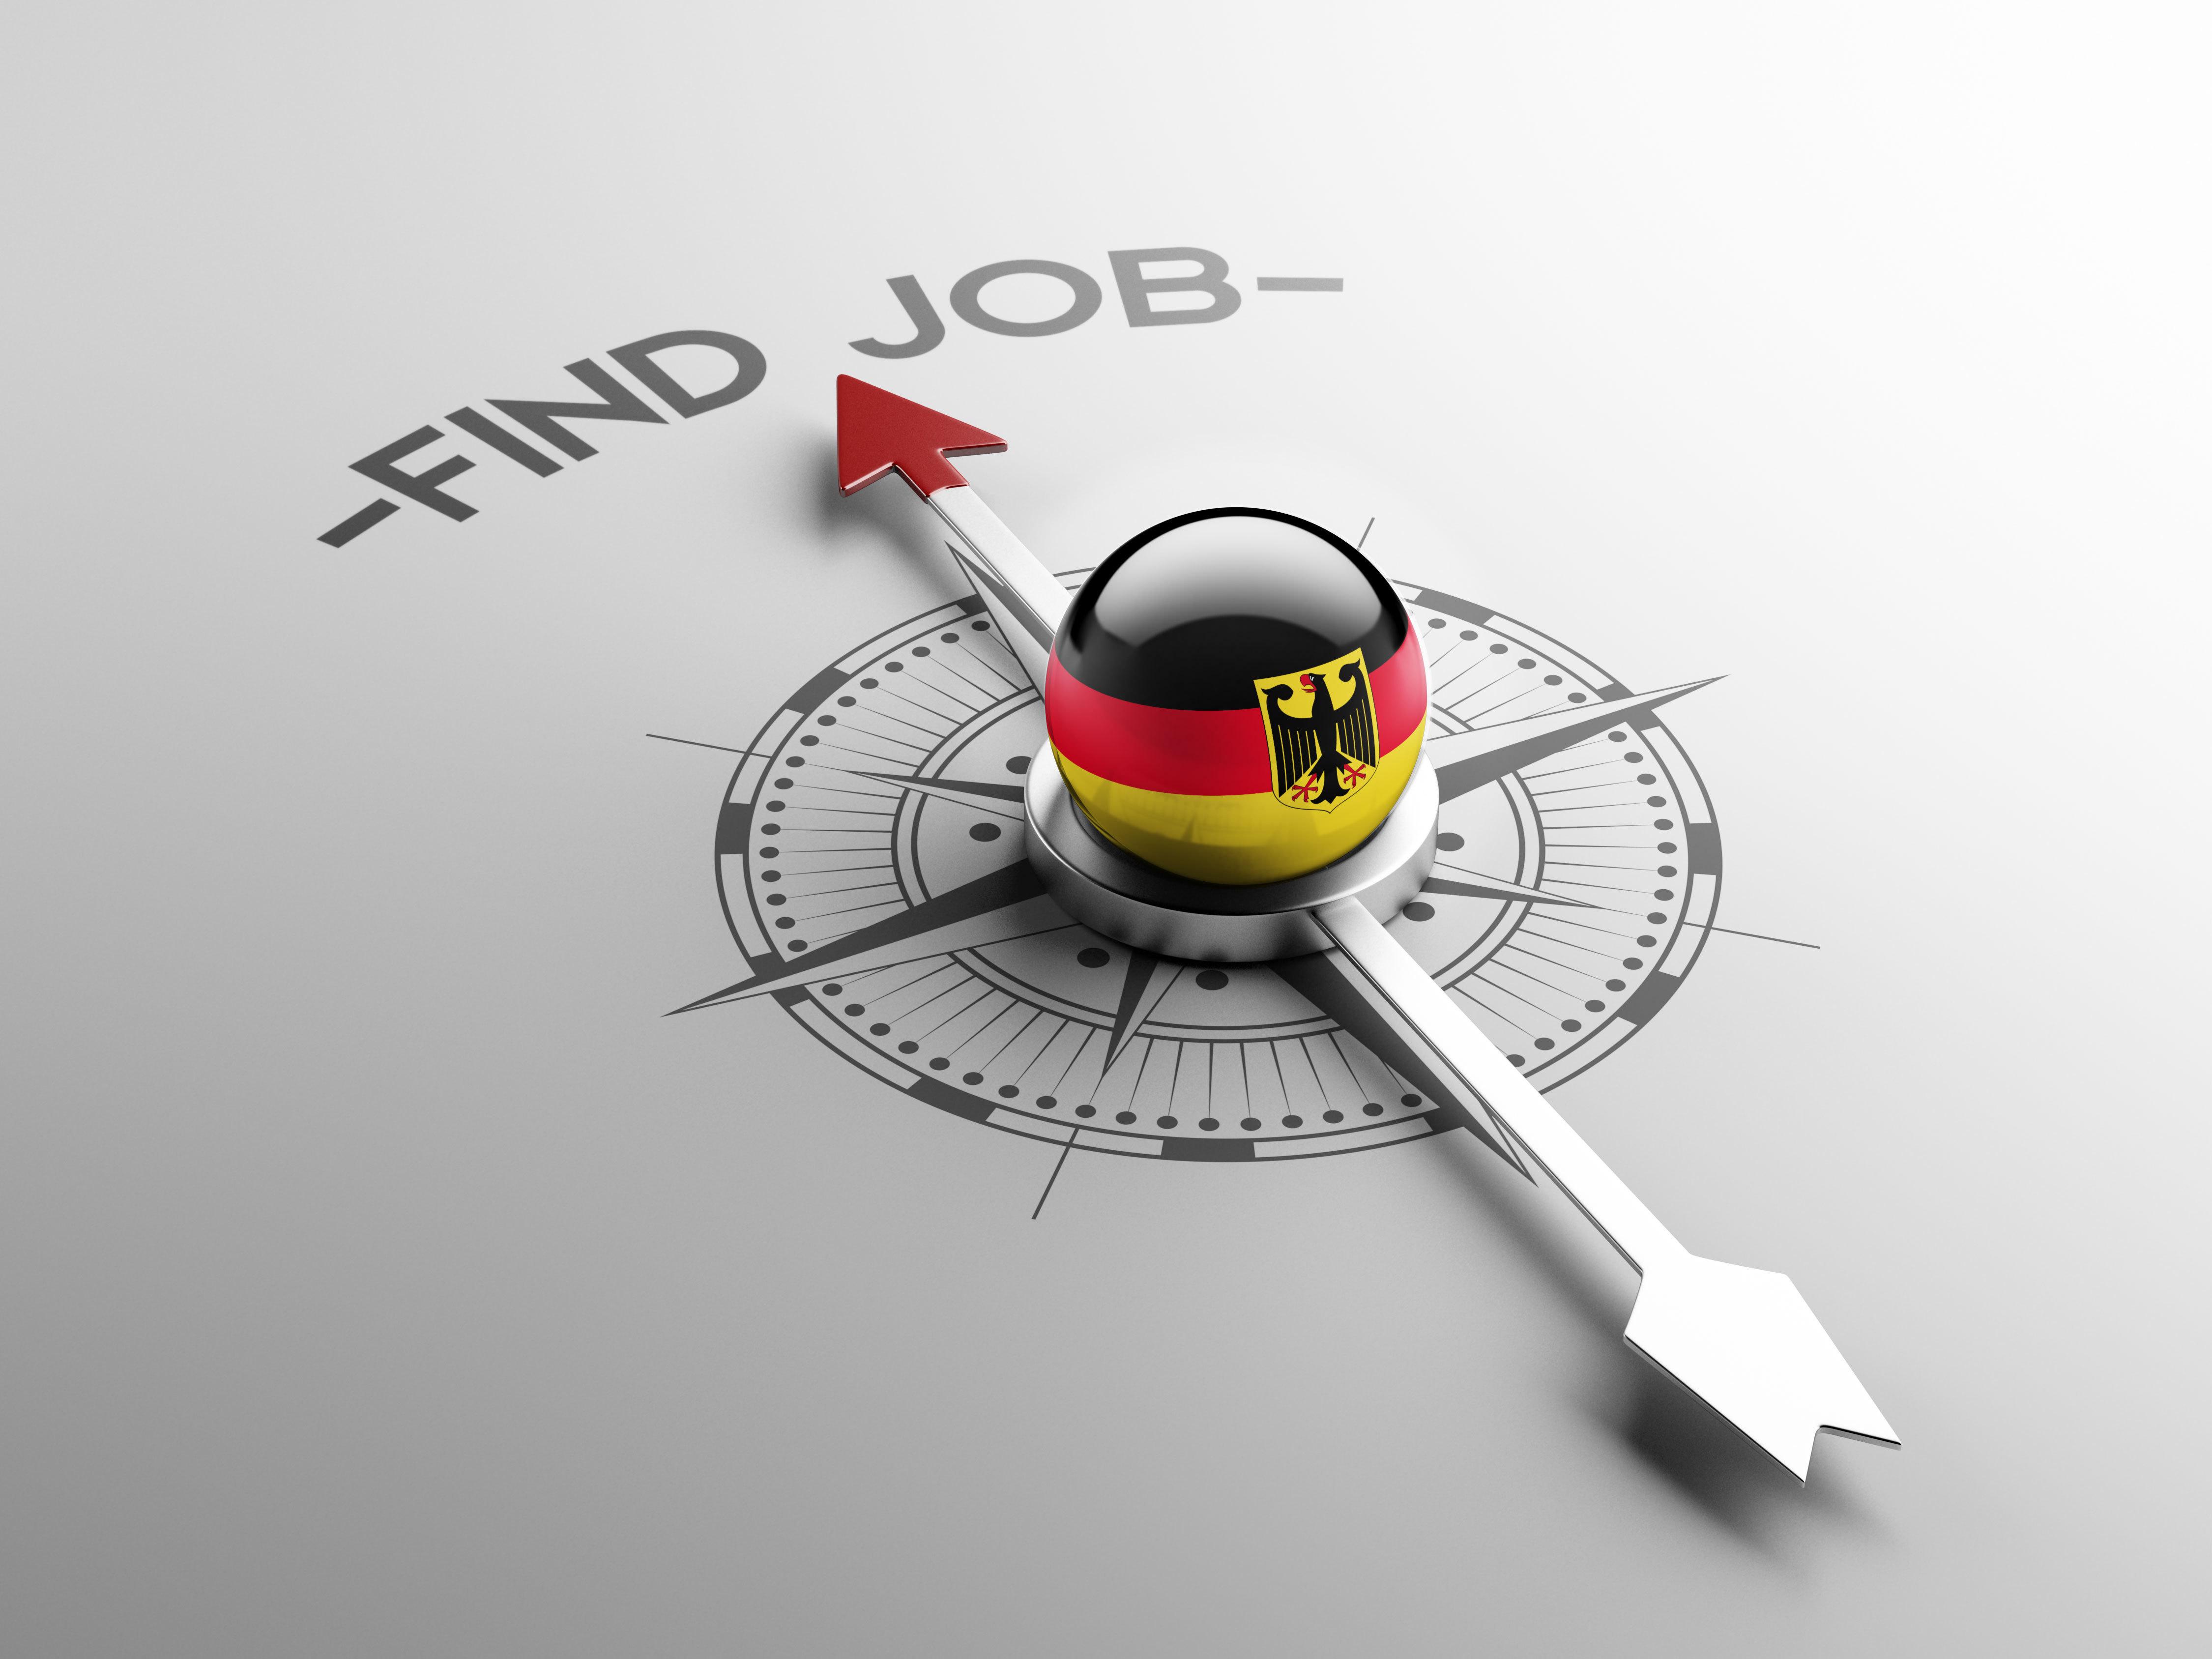 Флаг Германии, куда могут уехать на работу русские, украинцы и белорусы